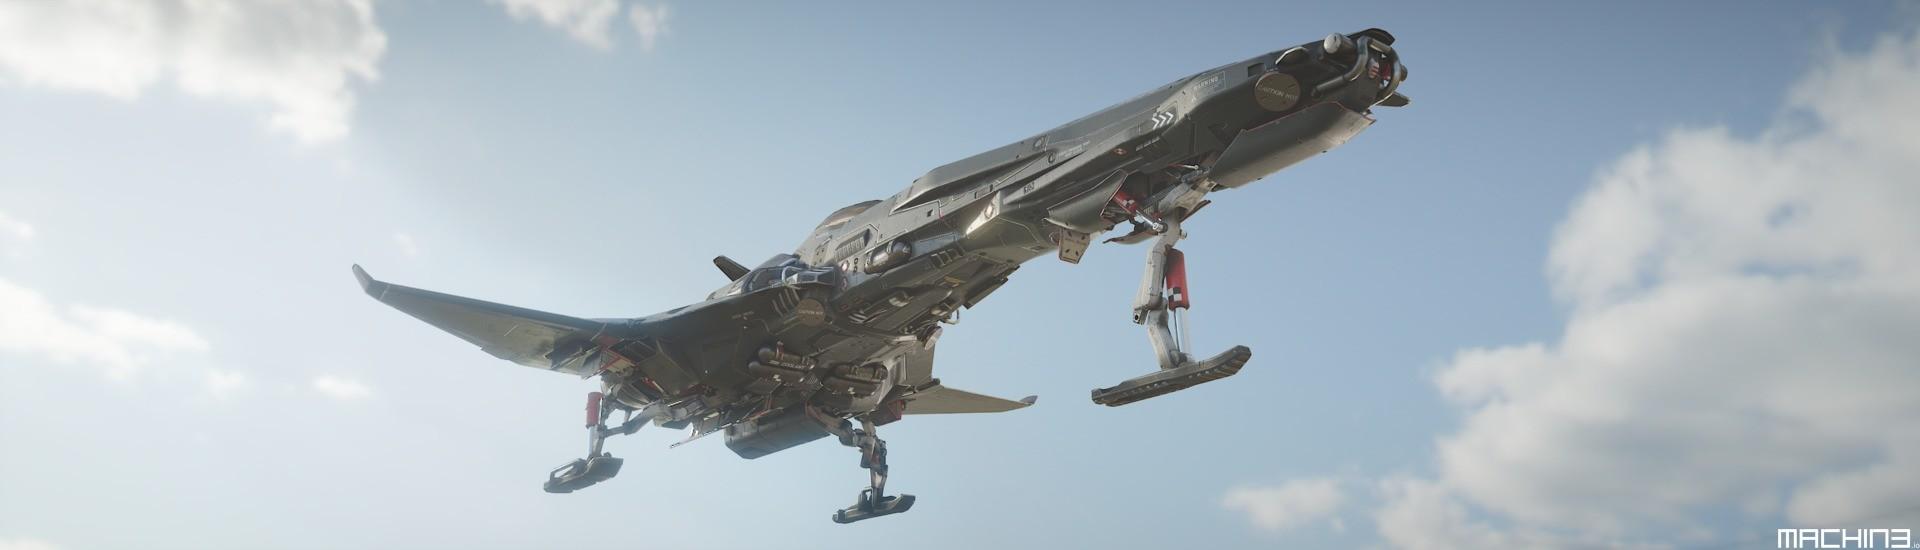 machin-starfighter-render2.jpg?149080020